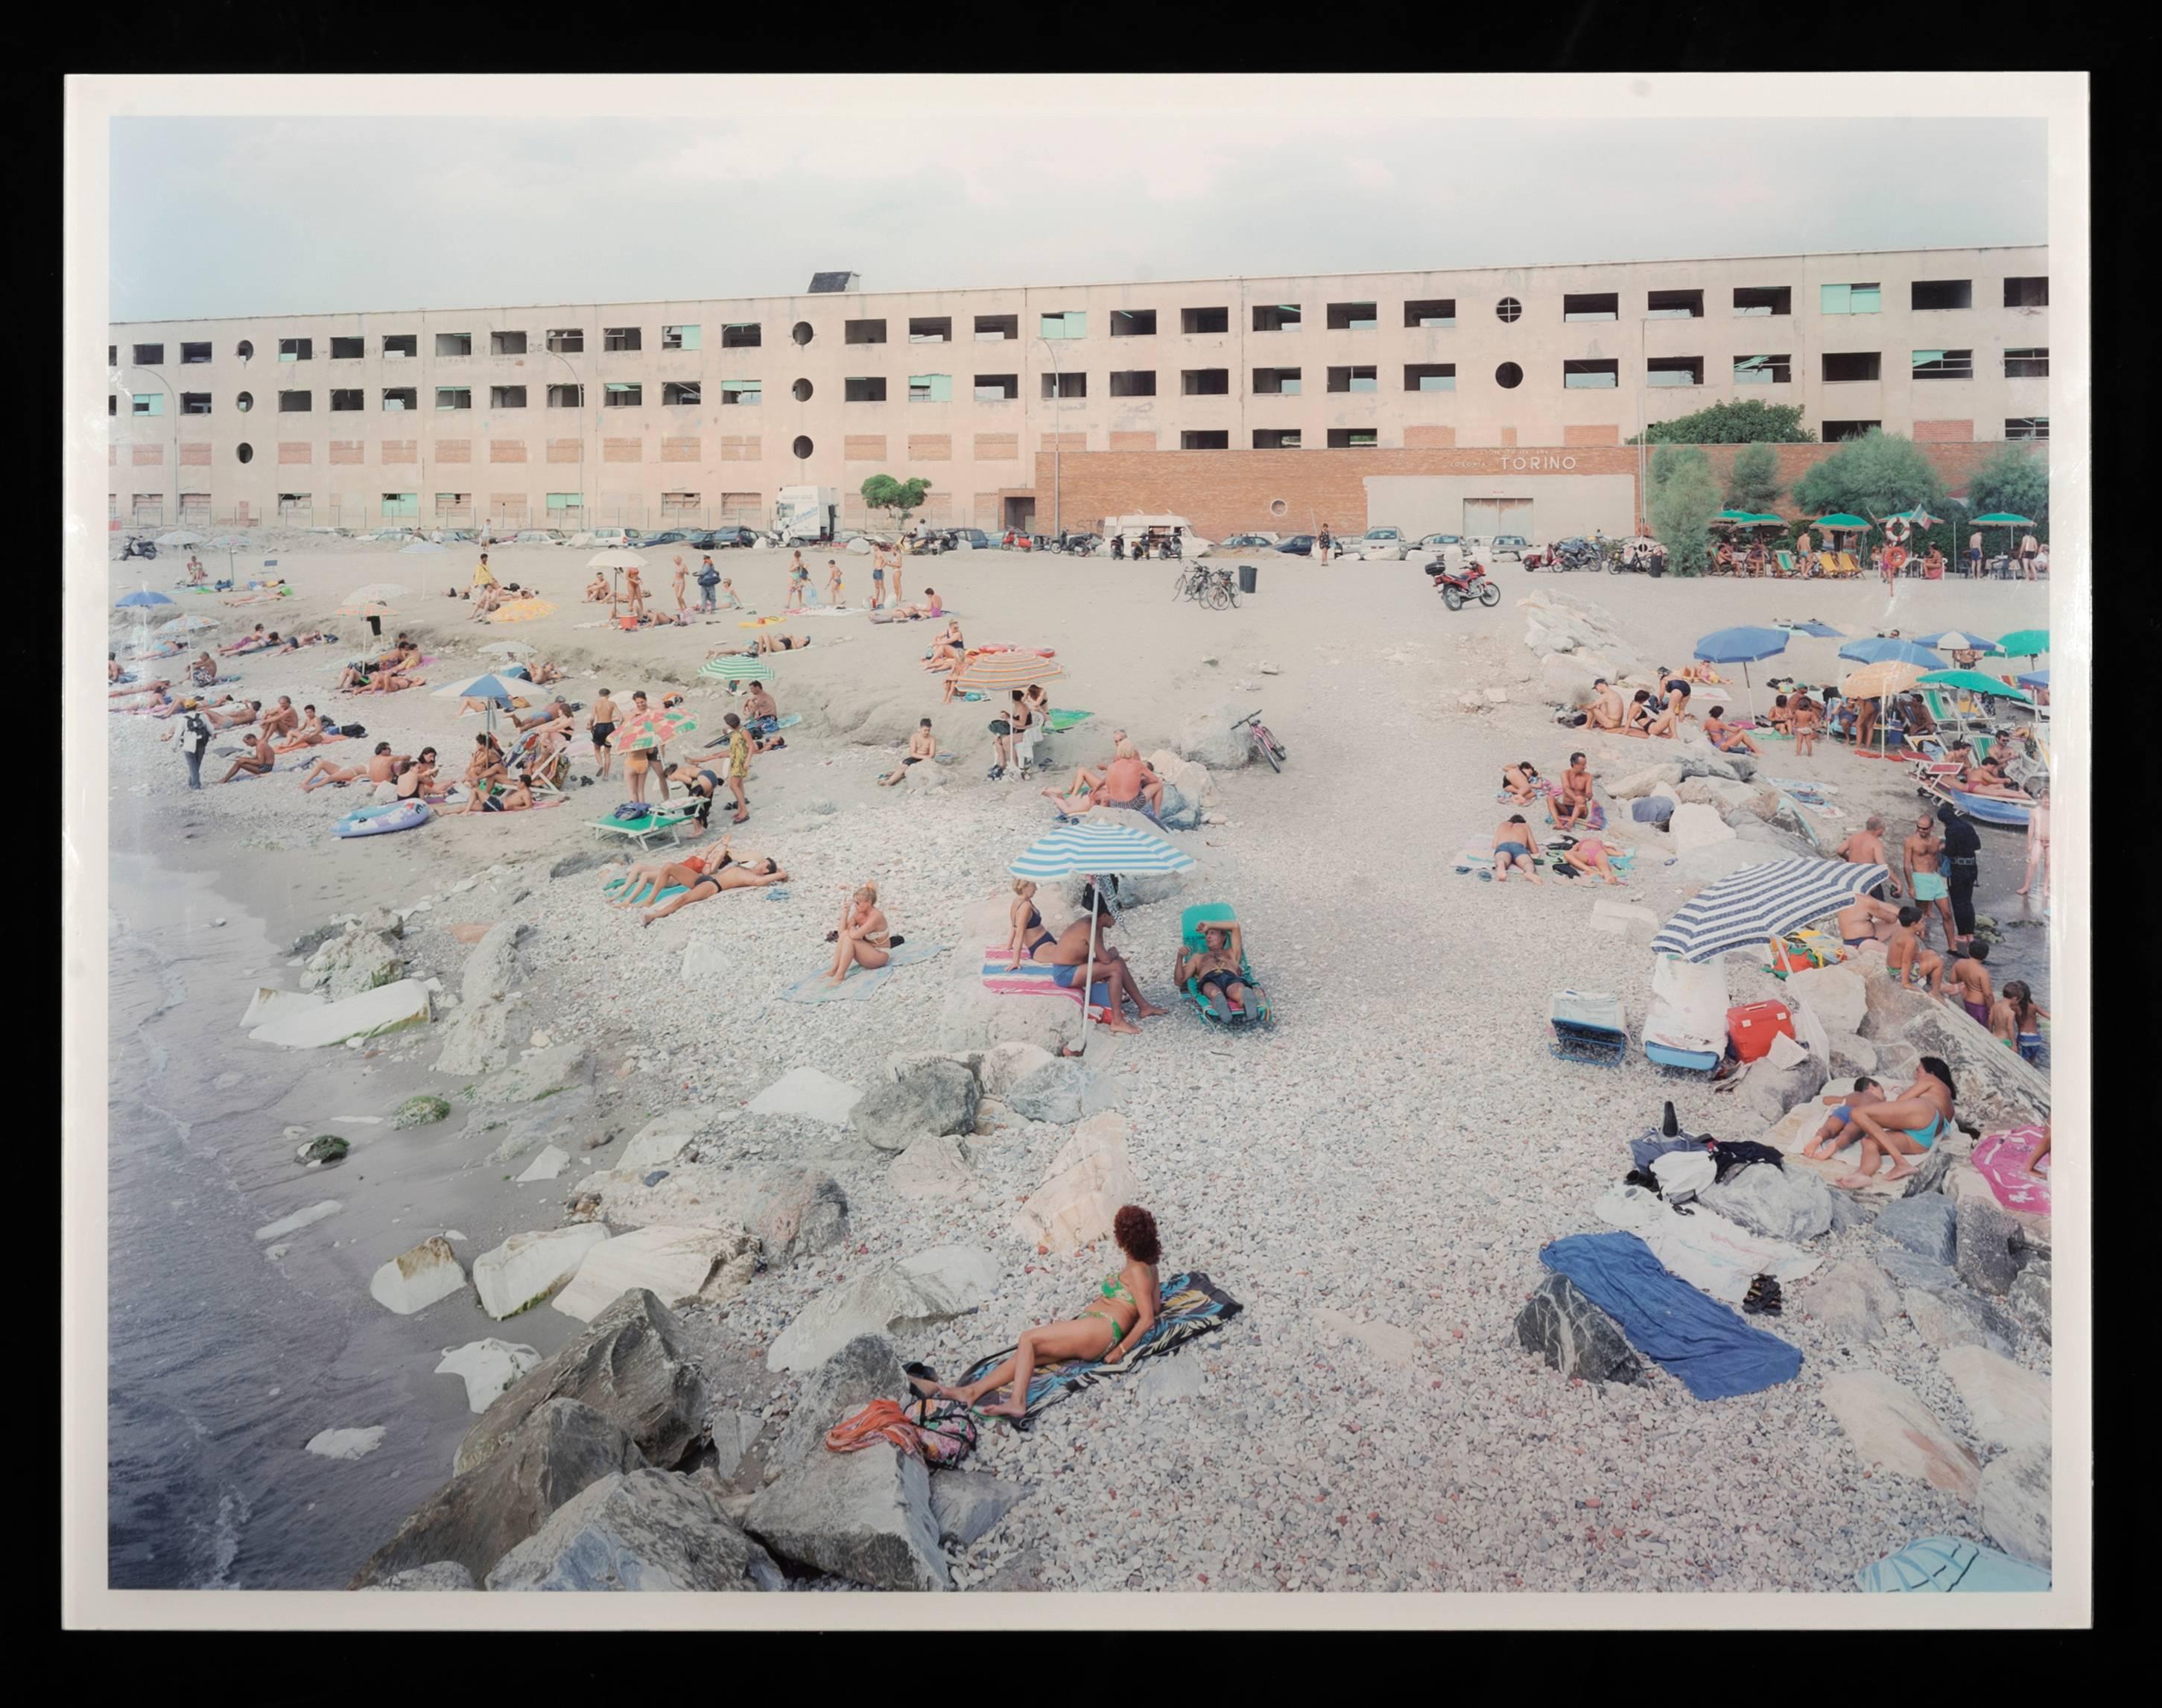 Massimo Vitali - VW Lernpark, Photograph: For Sale at 1stdibs